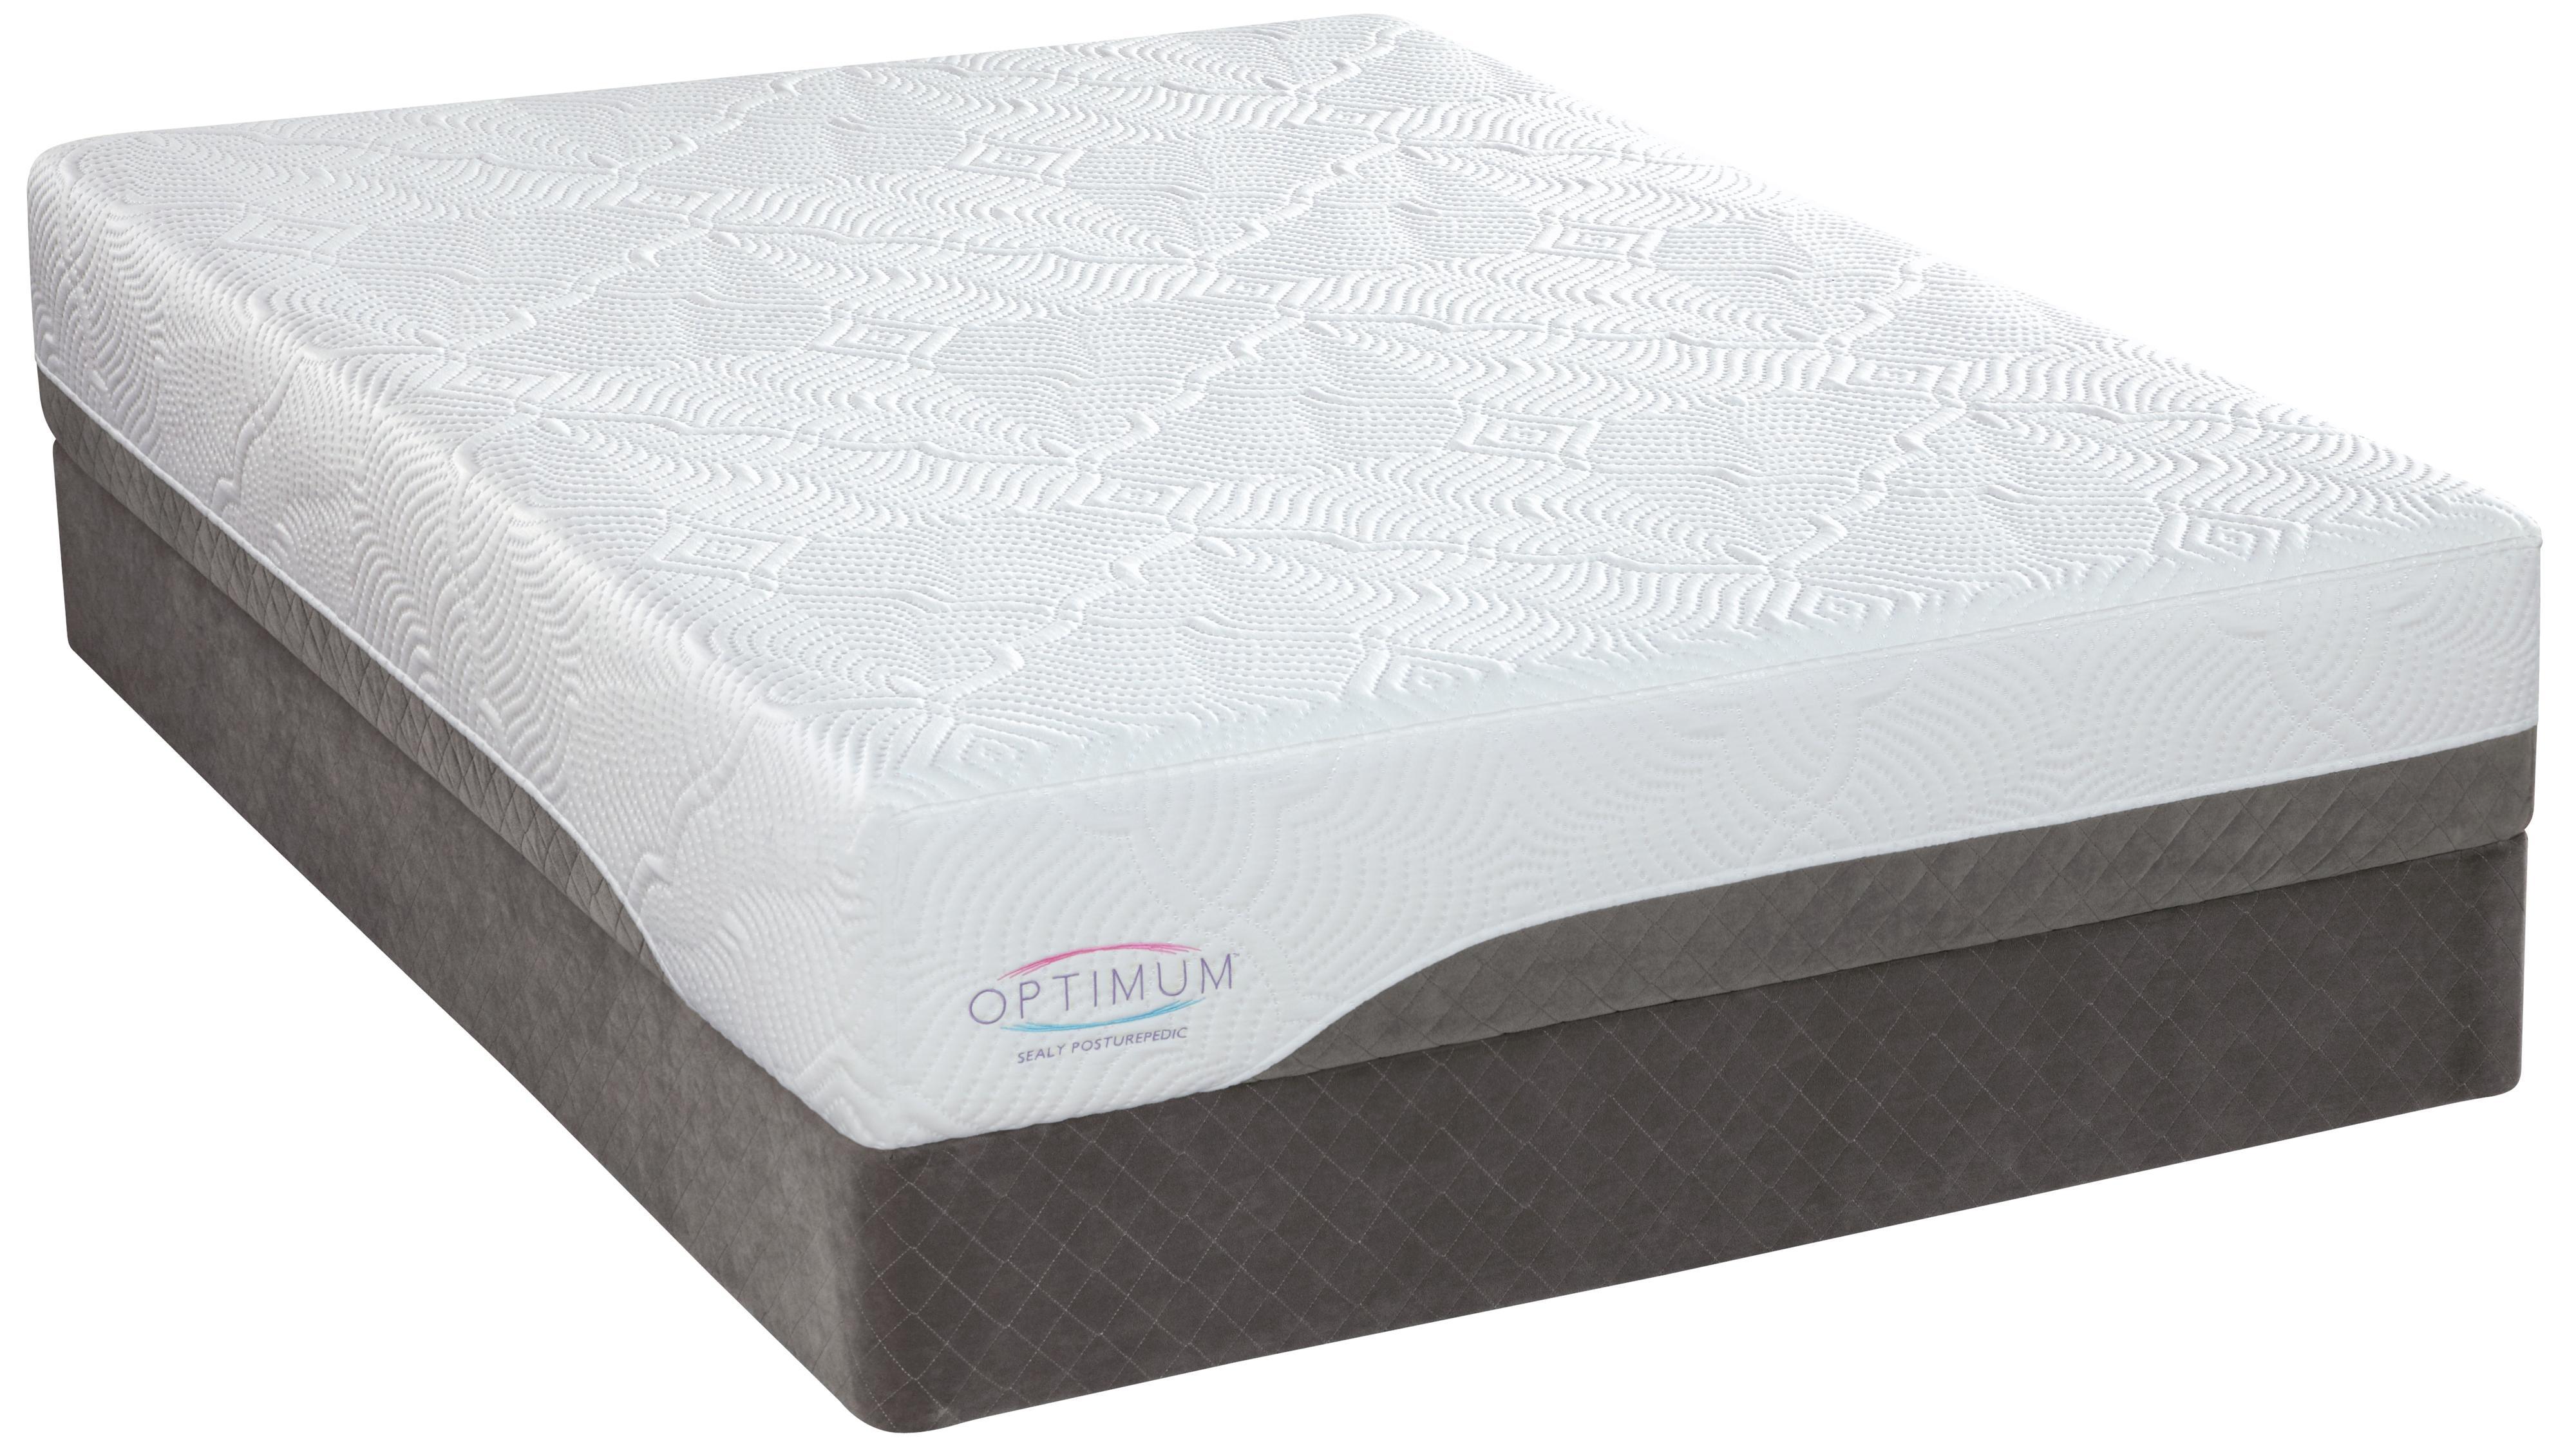 Sealy Optimum Latex Gel Meadowcrest King Latex Mattress Set - Item Number: 508220K+2x617719XL/K